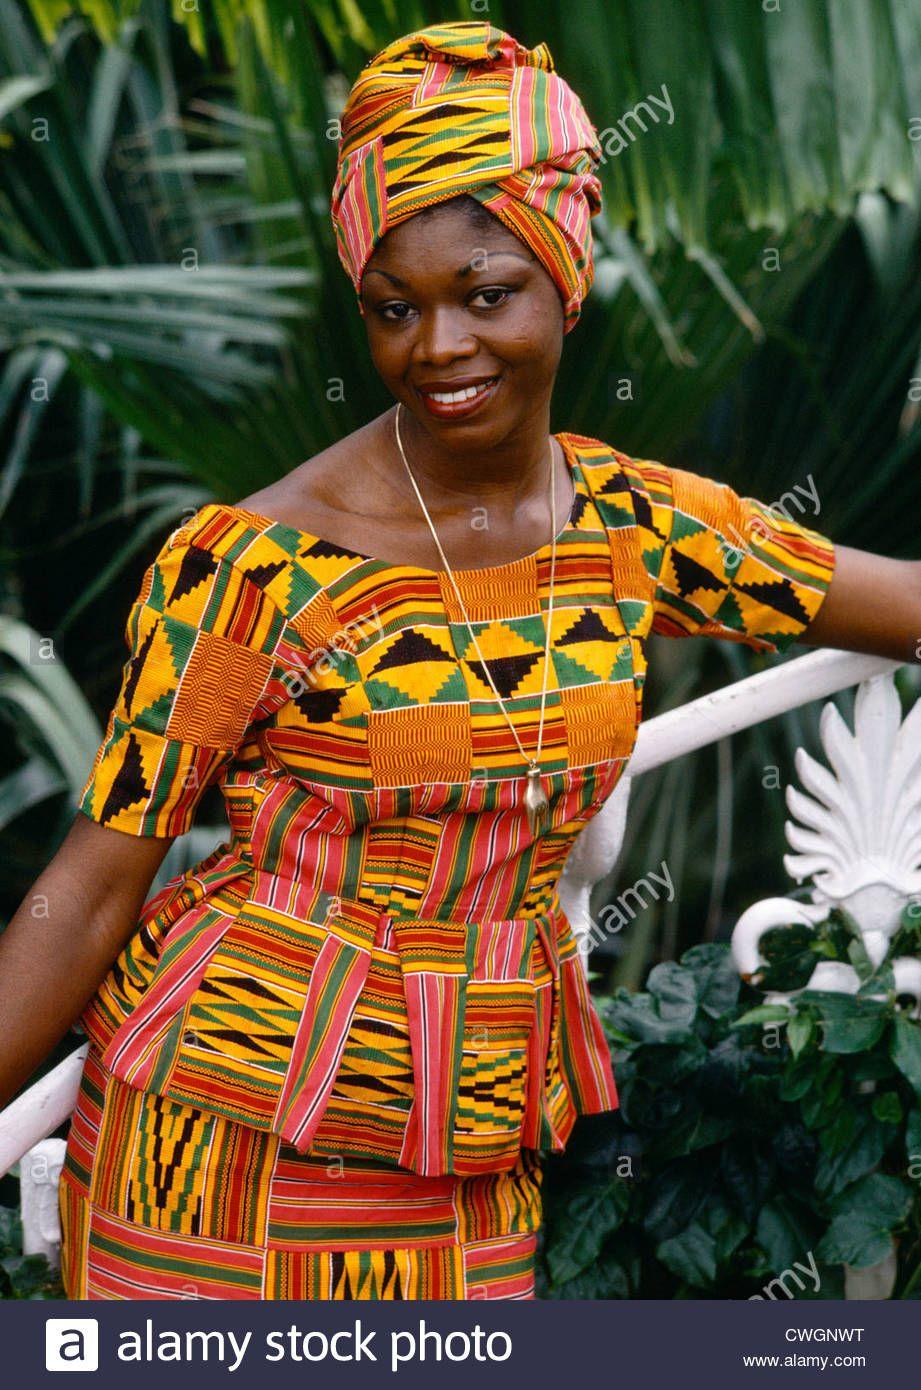 African Kente Cloth Dress